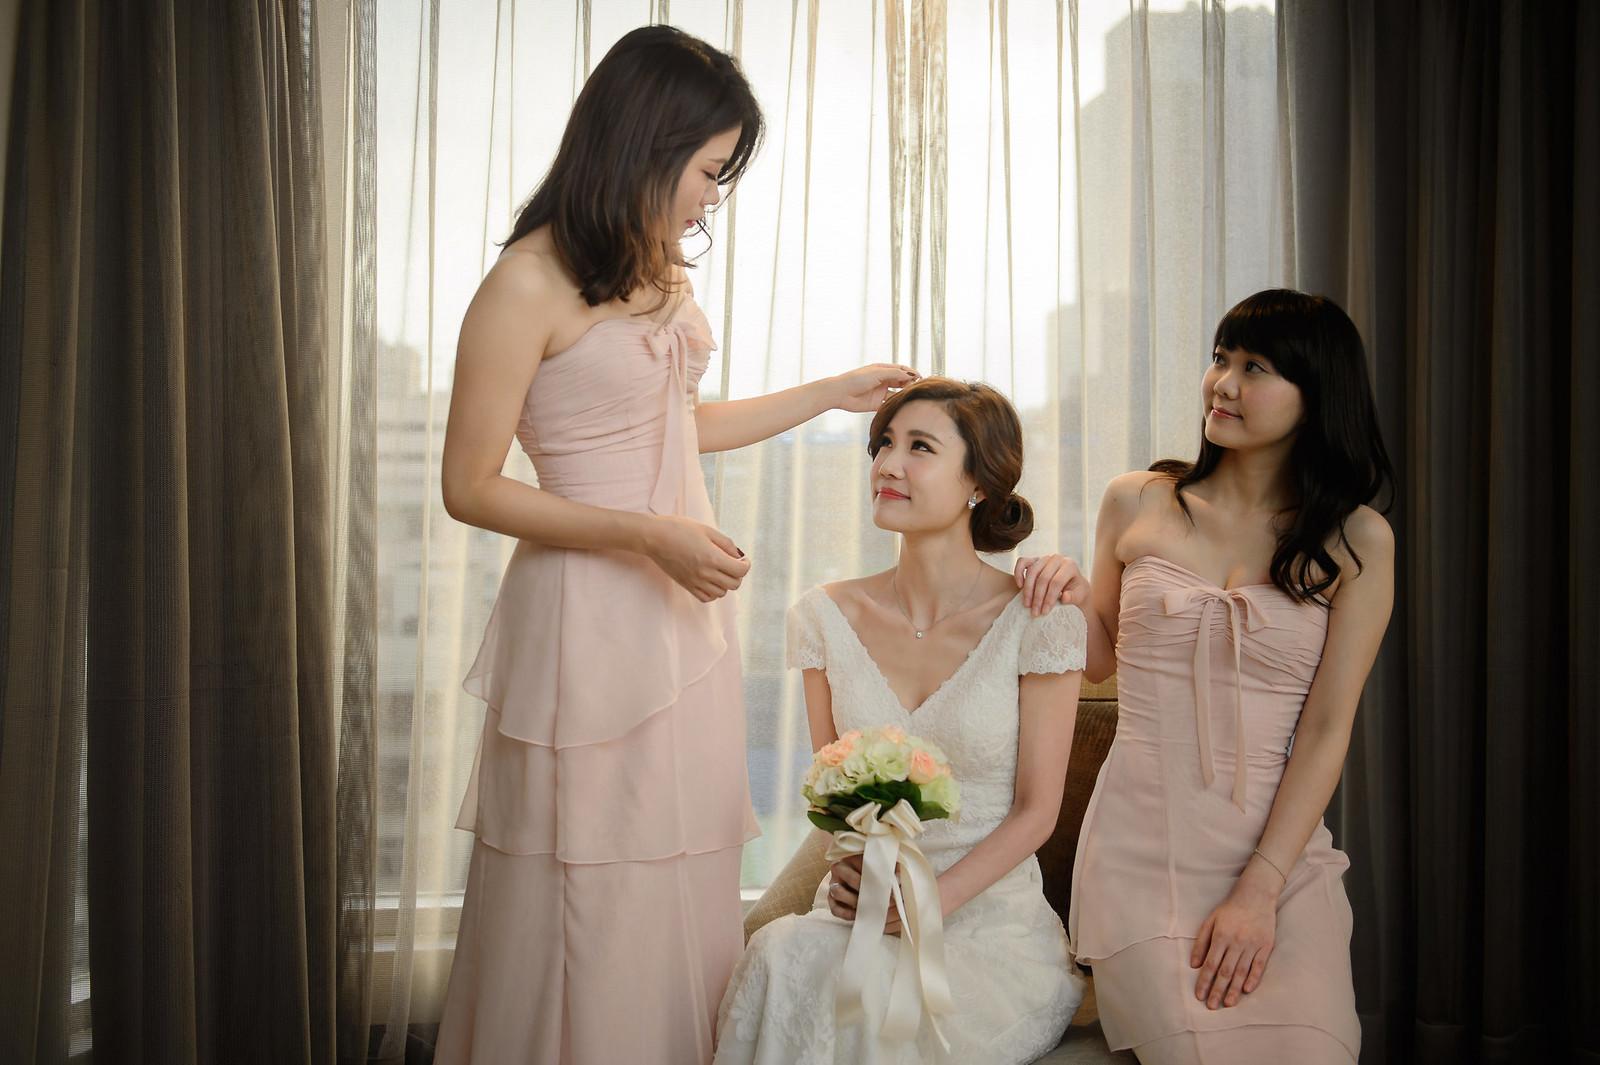 台北婚攝, 婚禮攝影, 婚攝, 婚攝守恆, 婚攝推薦, 晶華酒店, 晶華酒店婚宴, 晶華酒店婚攝-18